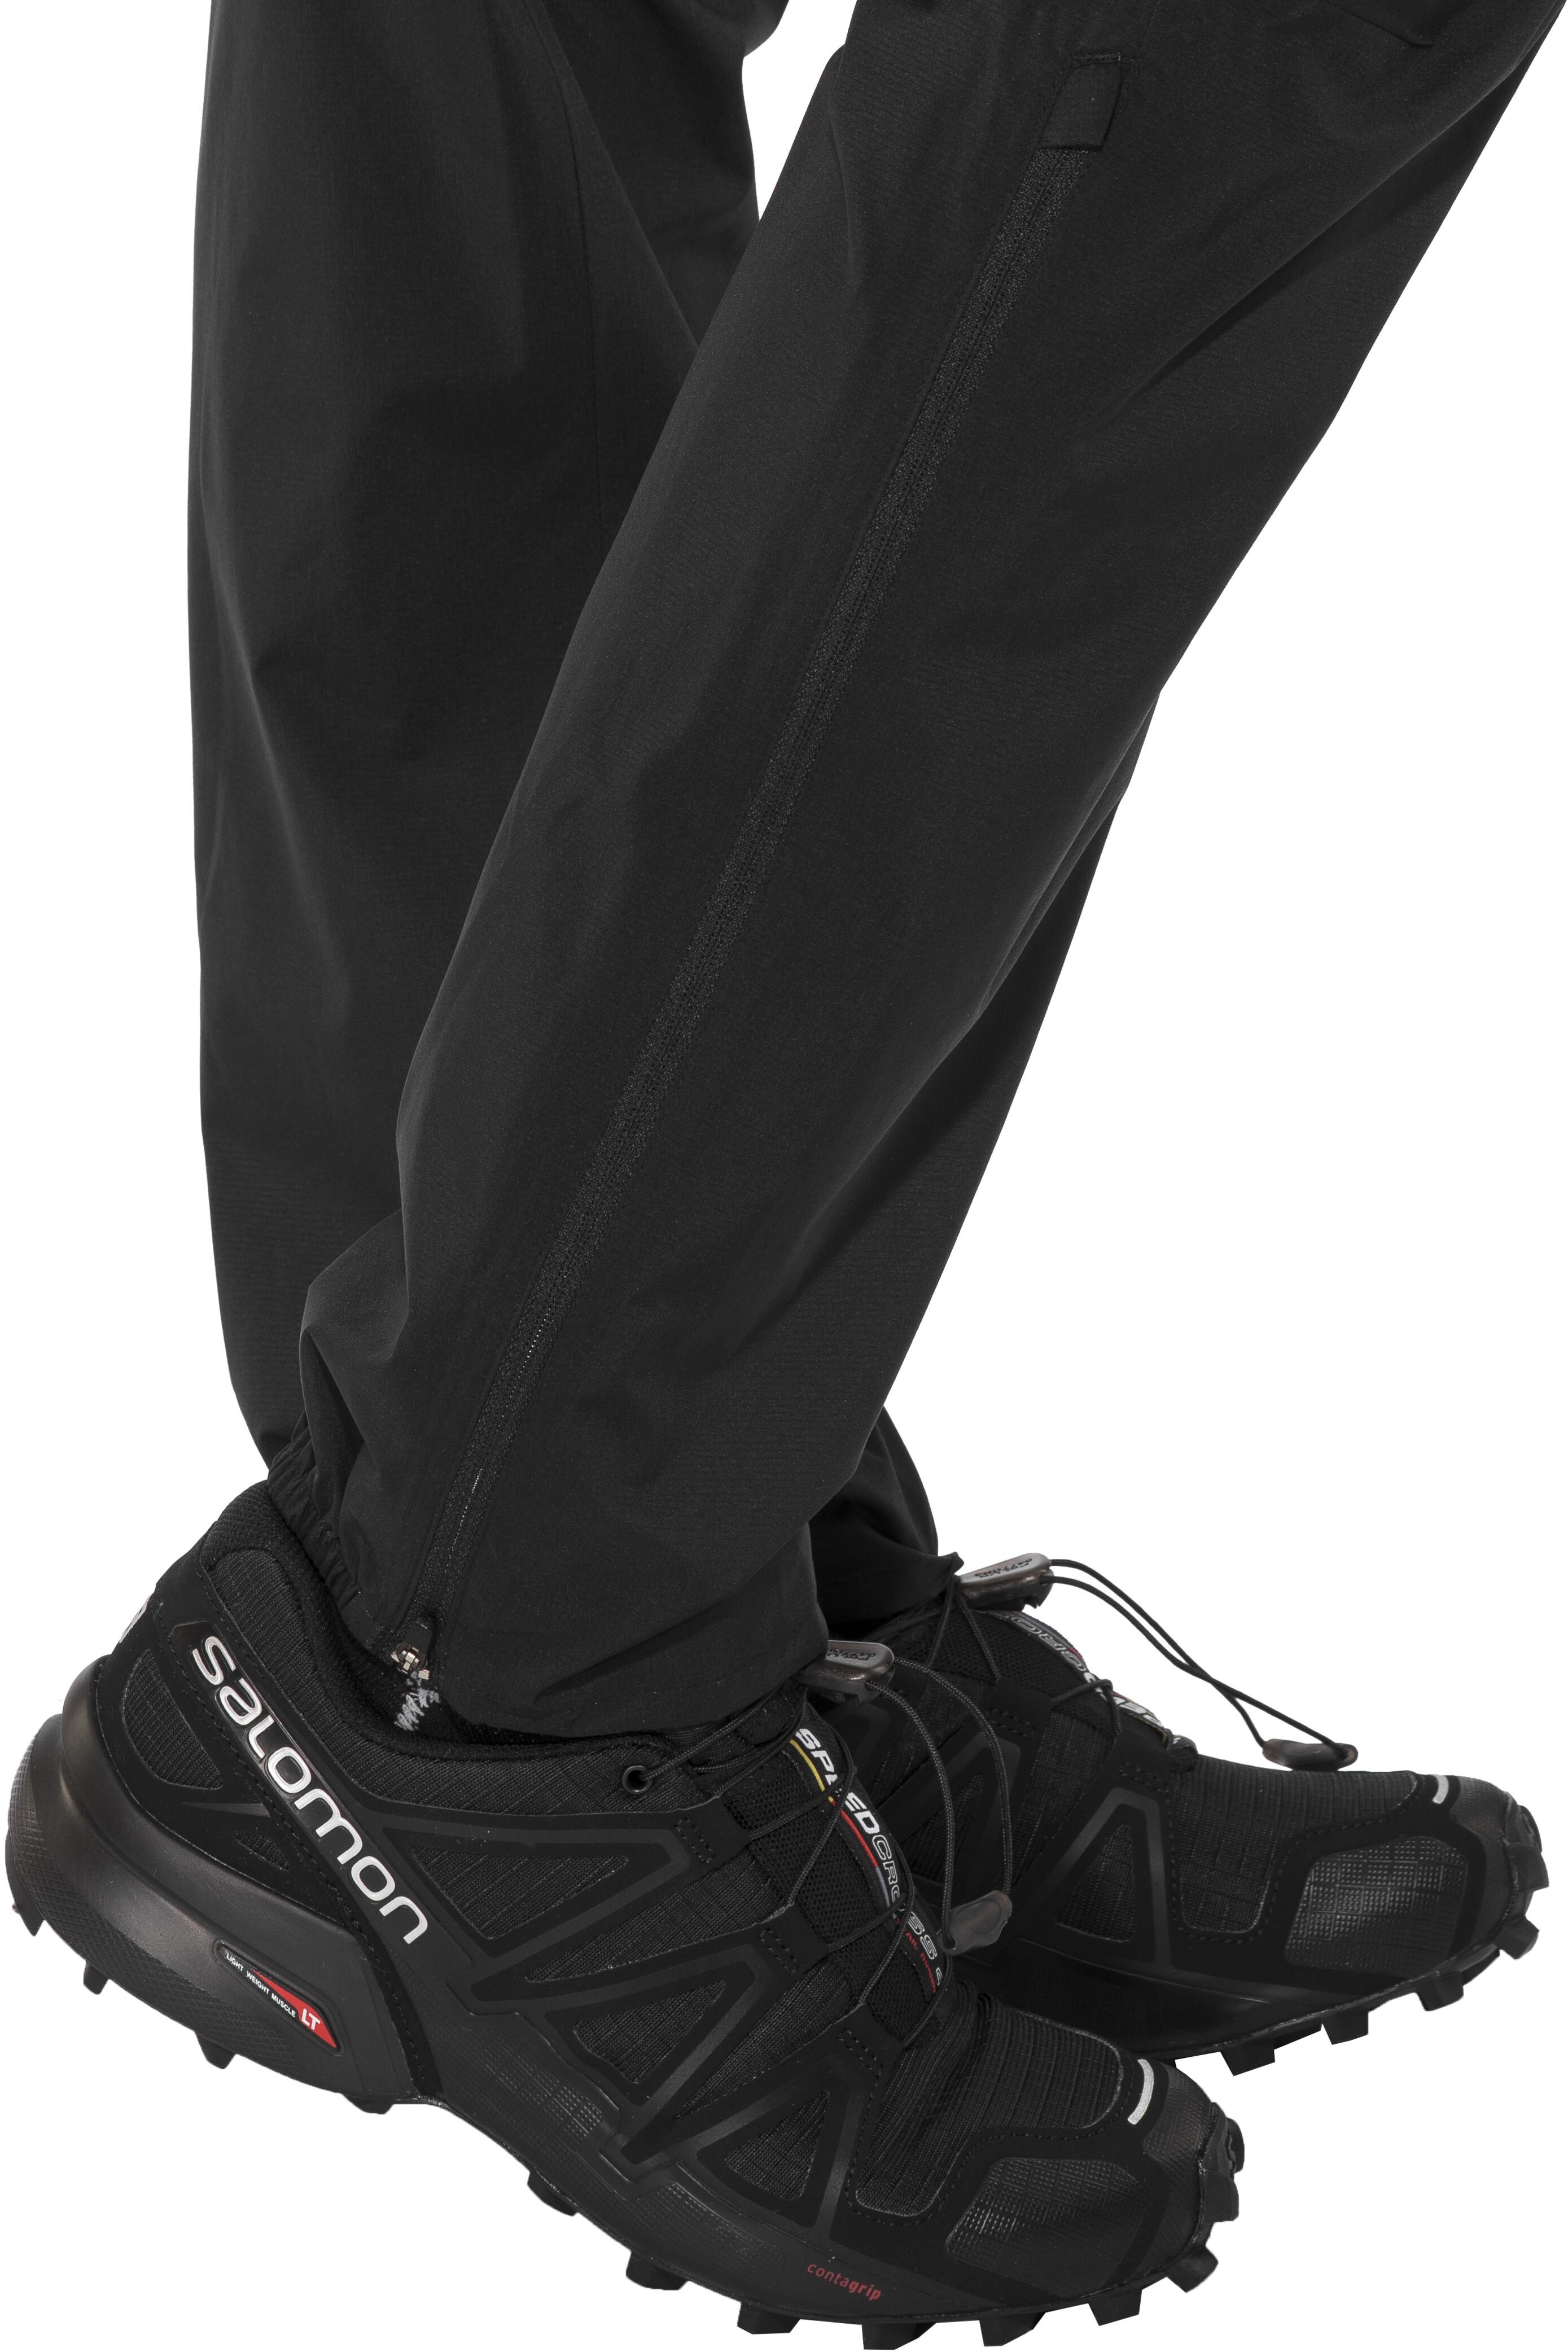 c877e5b46b Salomon Bonatti WP - Pantalones largos running - negro | Bikester.es